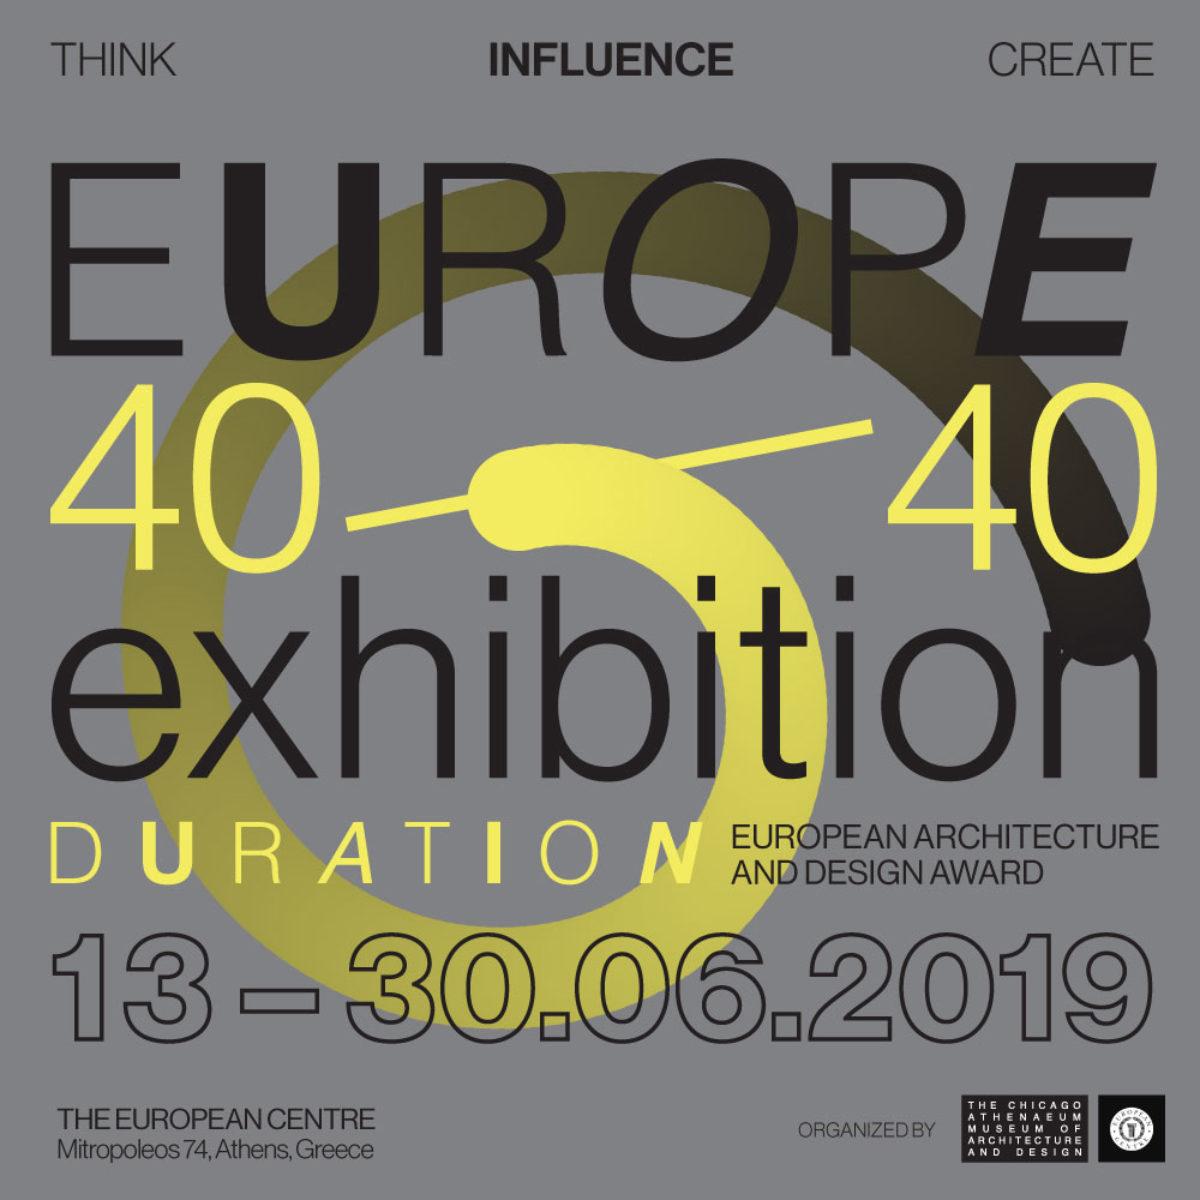 Αρχιτεκτονική Έκθεση «Europe 40UNDER40®», 13-30 Ιουνίου 2019 / Απονομή βραβείων, Πέμπτη 13 Ιουνίου 2019